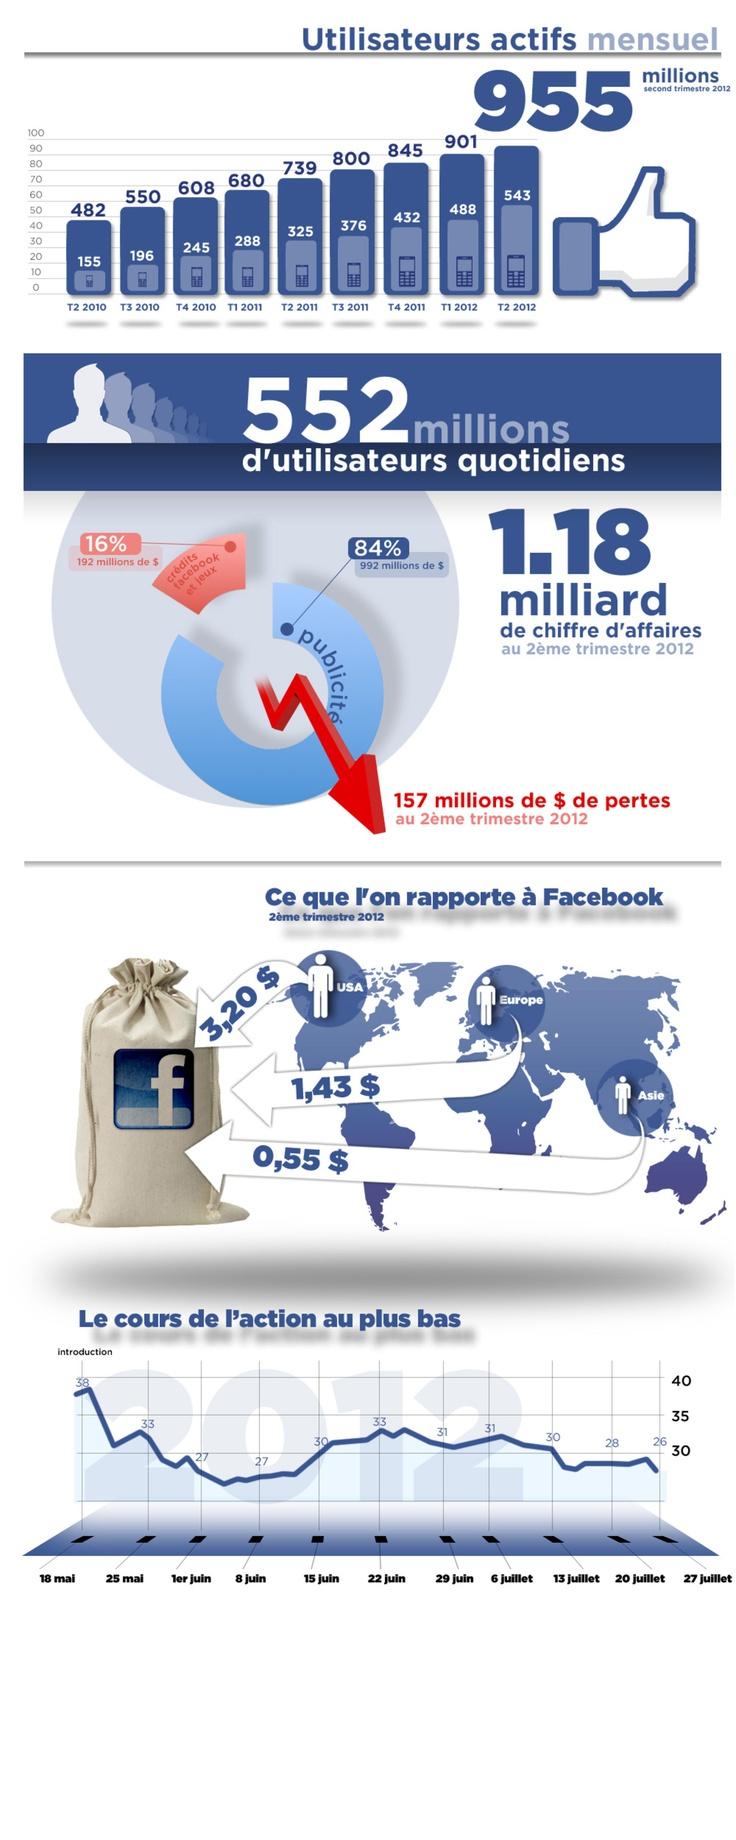 Les principaux chiffres révélés par le premier bilan financier de #Facebook via @LeMondeFr #socialmedia